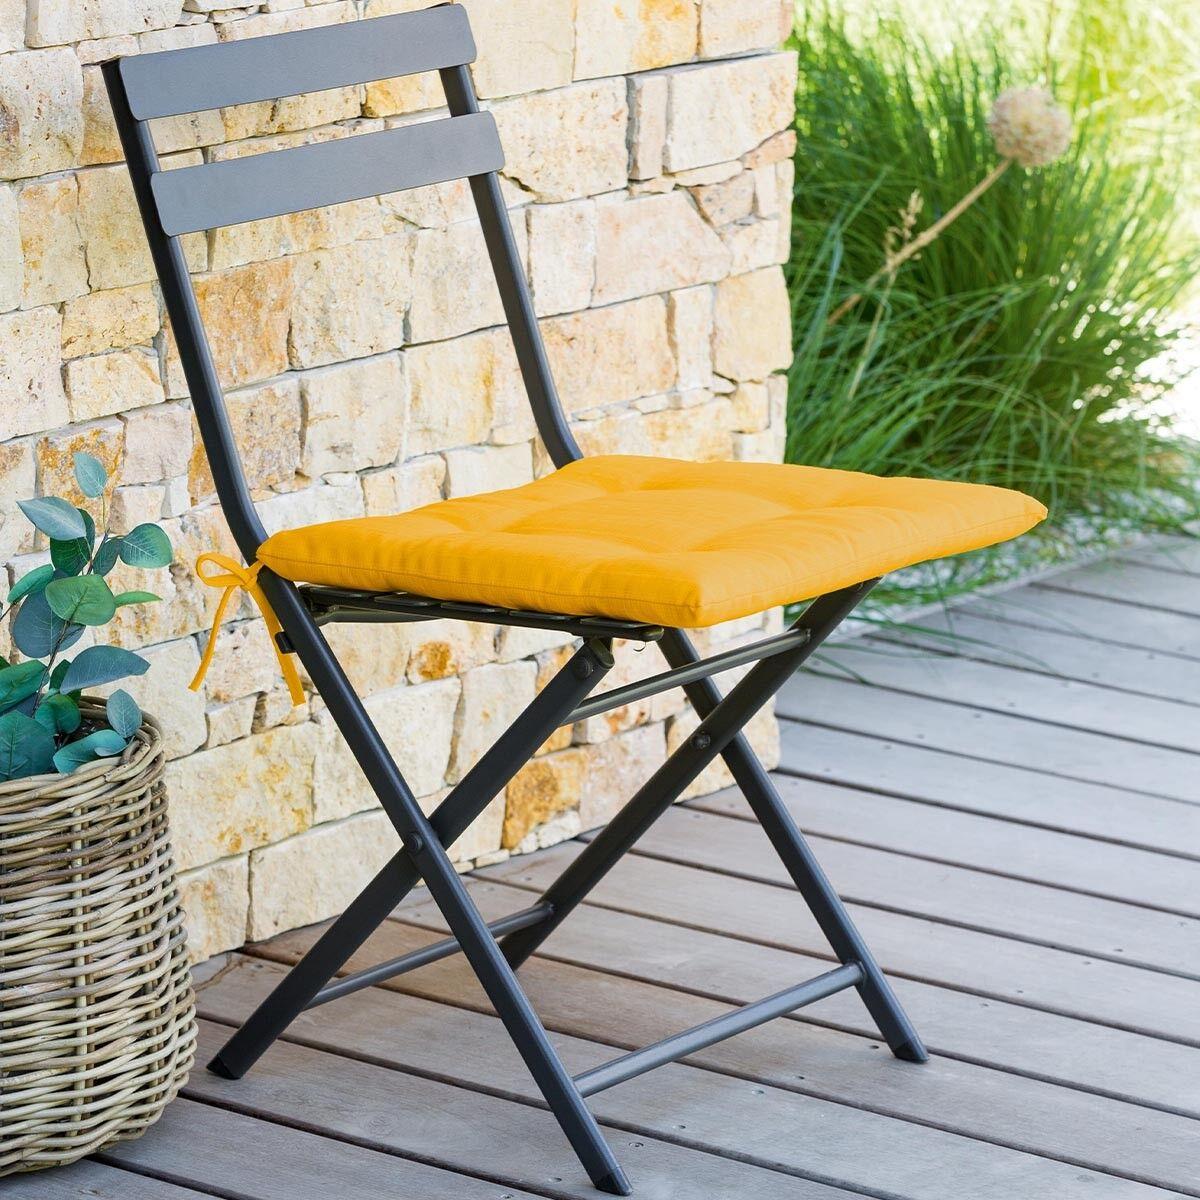 Hespéride Galette de chaise carrée 4 points Jaune moutarde Jardin